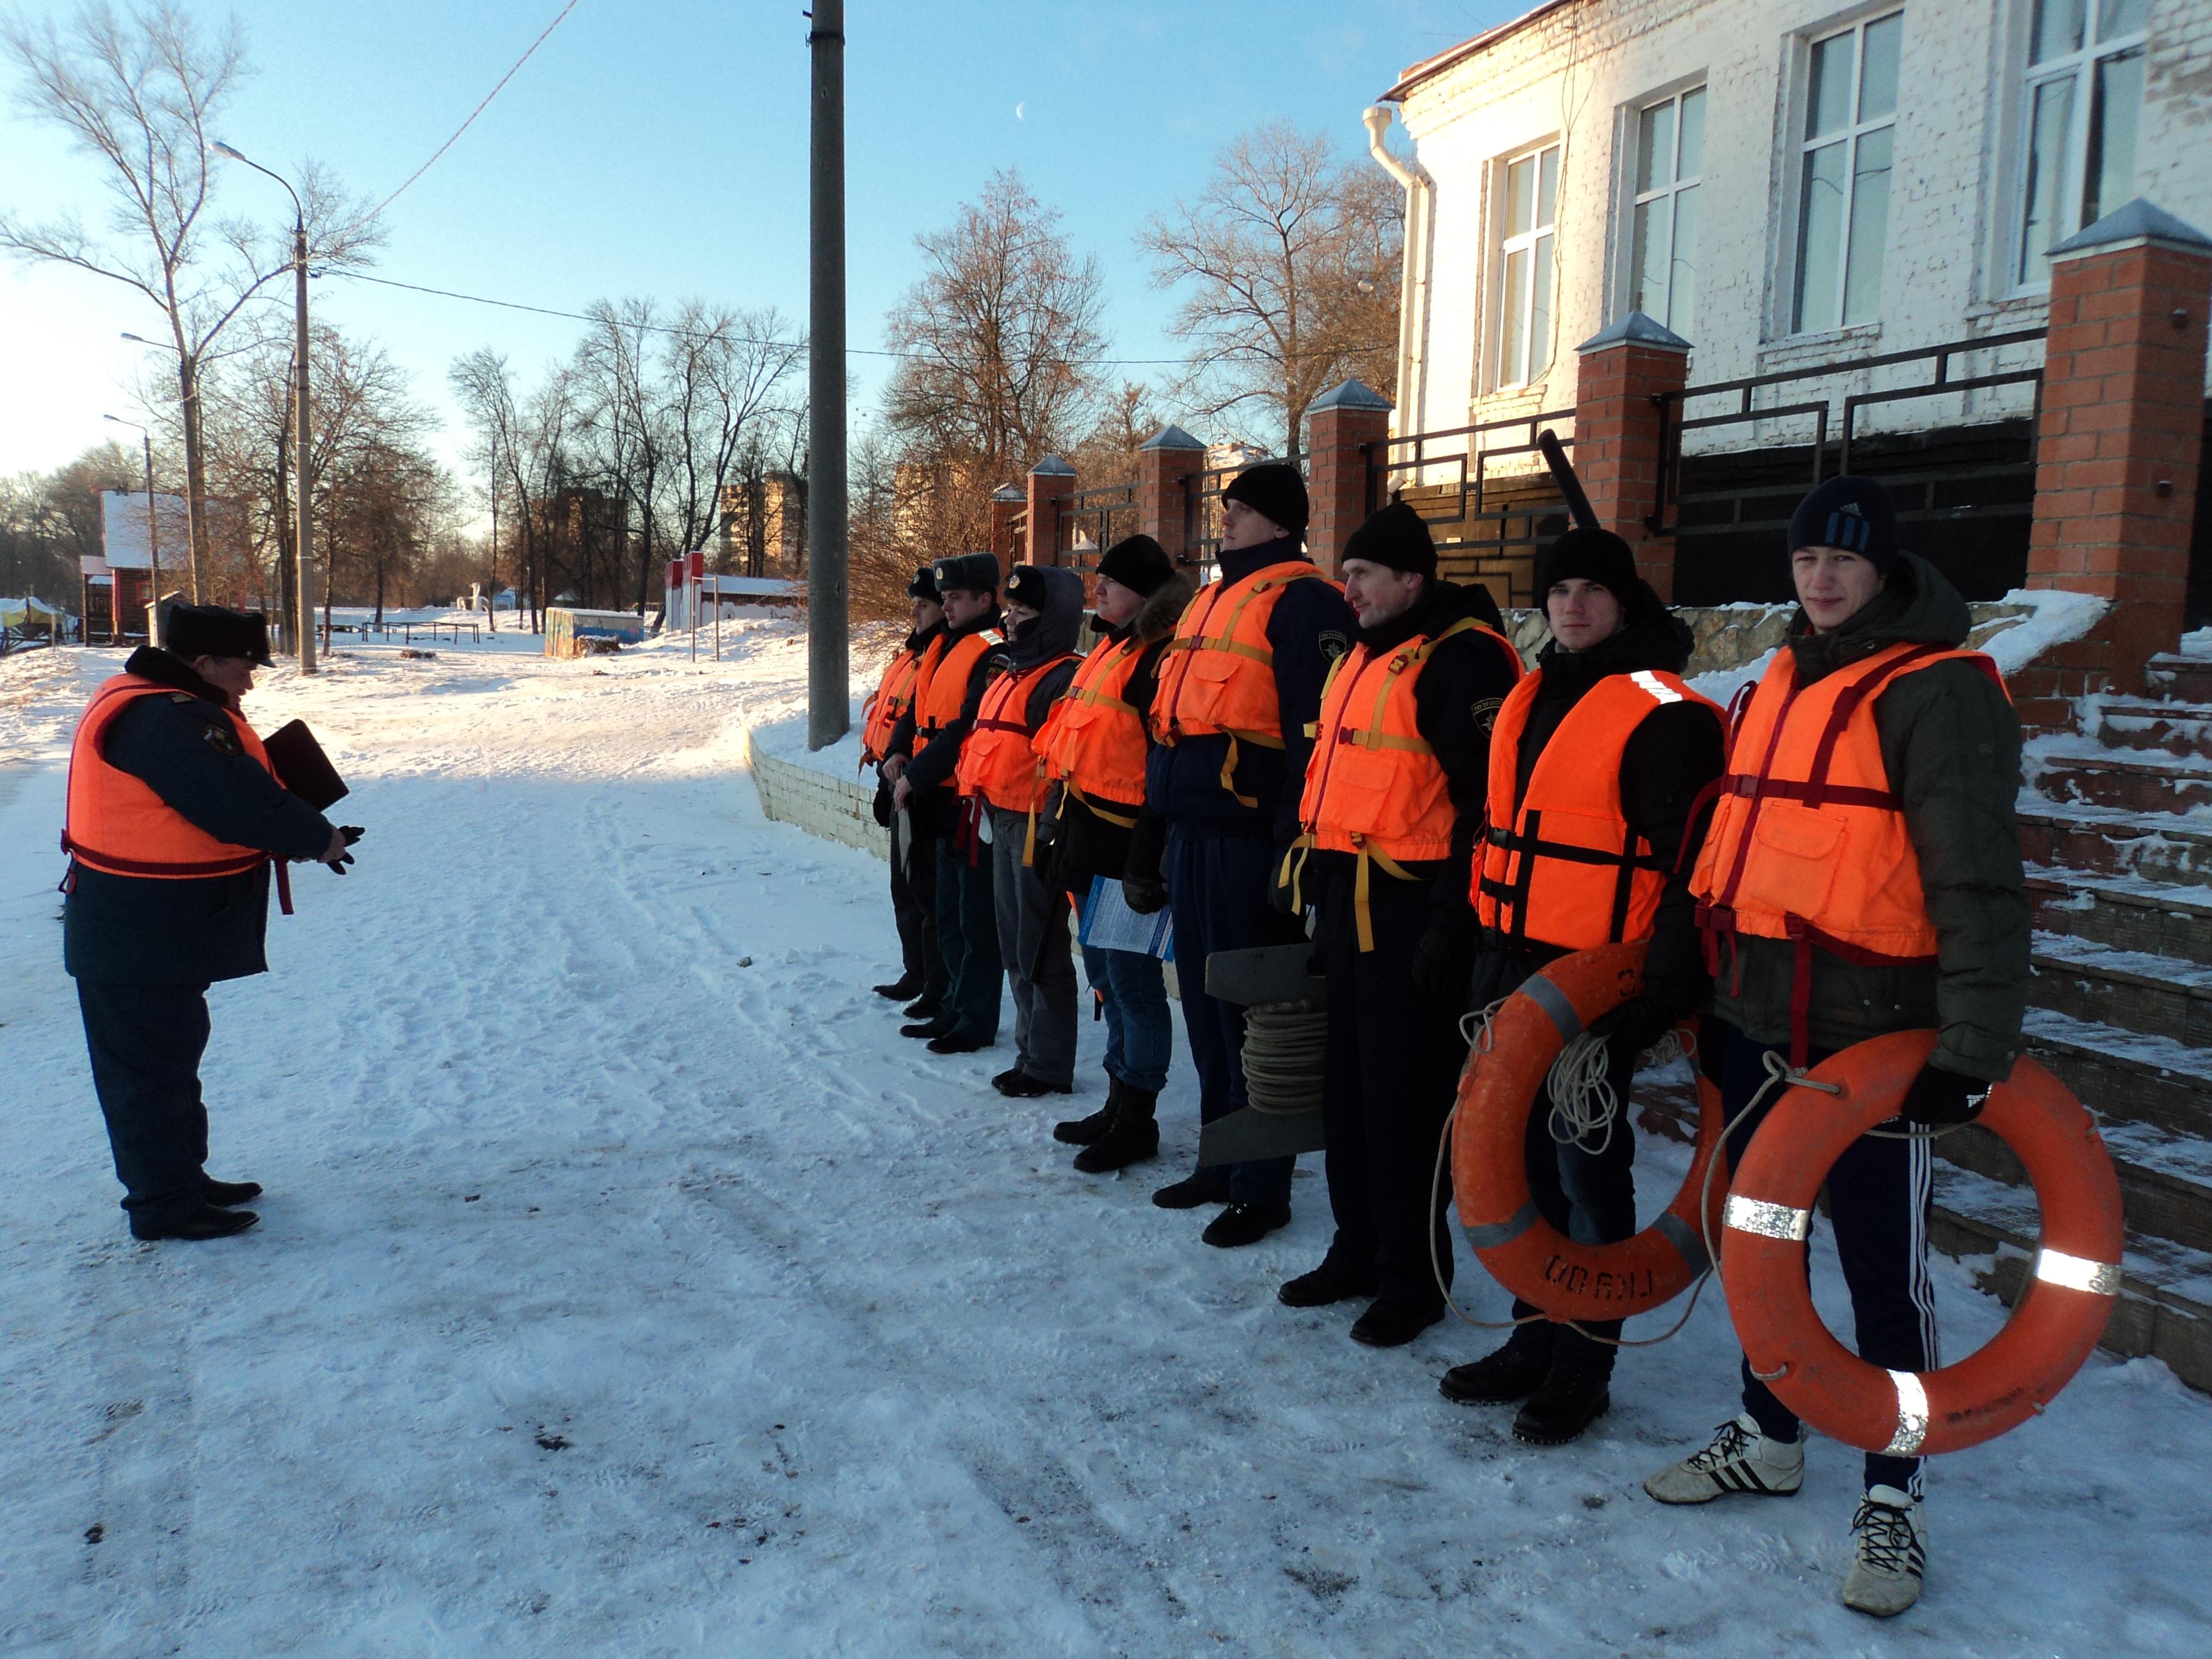 Орловские студенты побывали в профилактическом рейде со спасателями